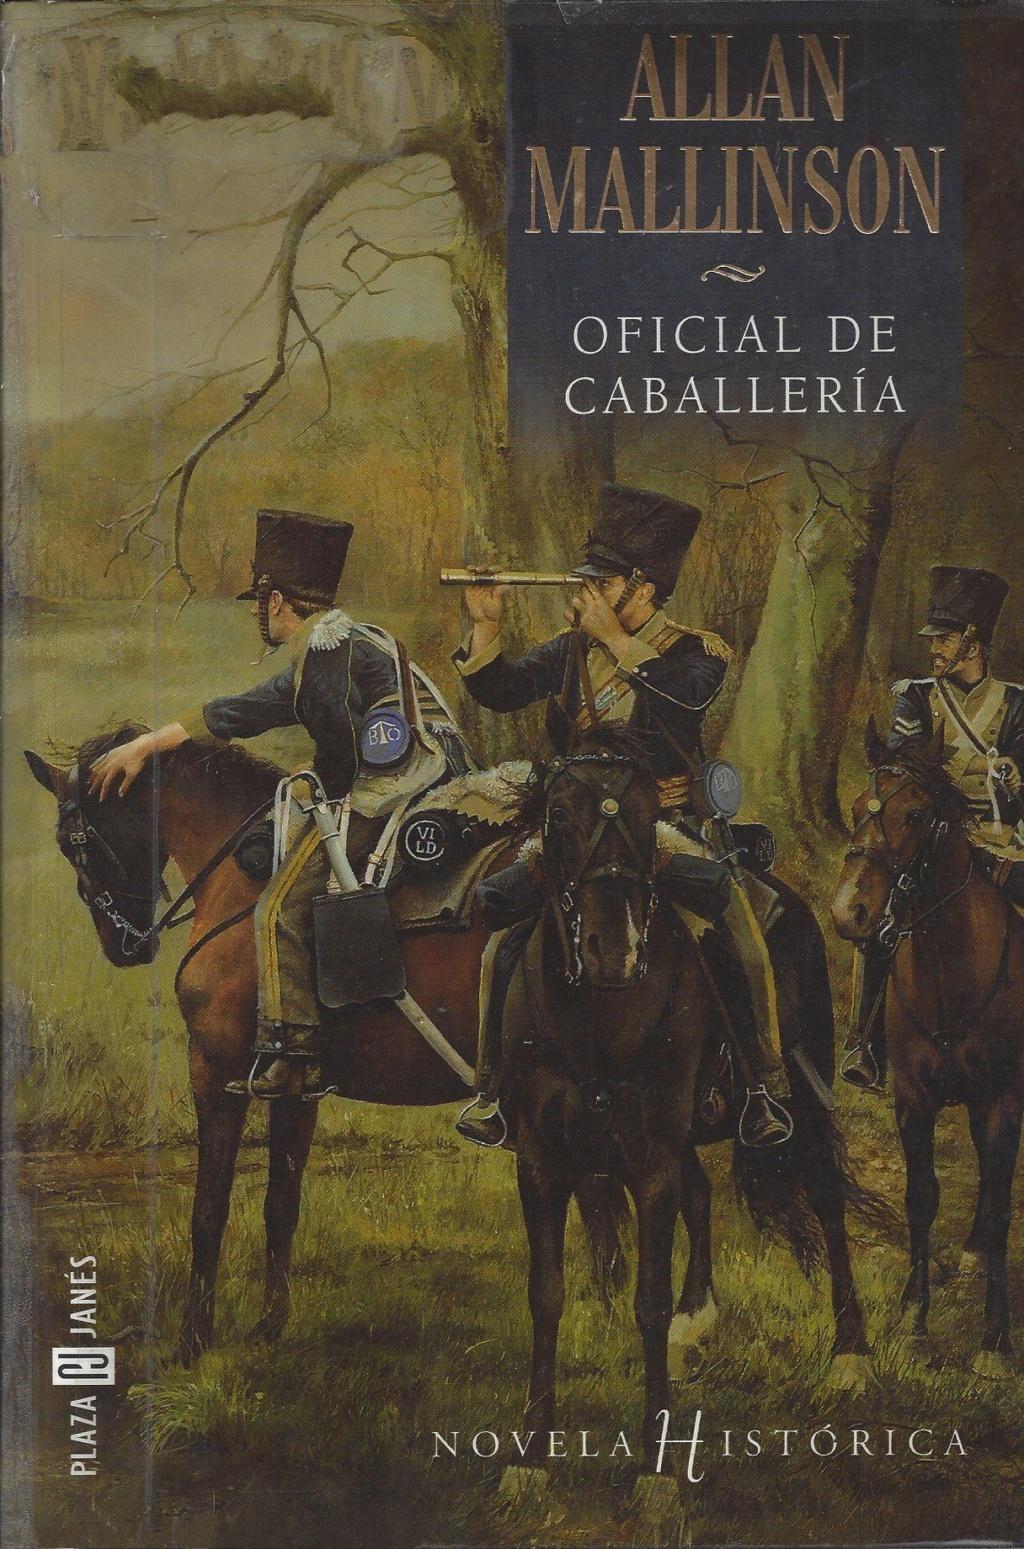 Oficial de caballería - Allan Mallinson (Matthew Hervey, I) Portad16